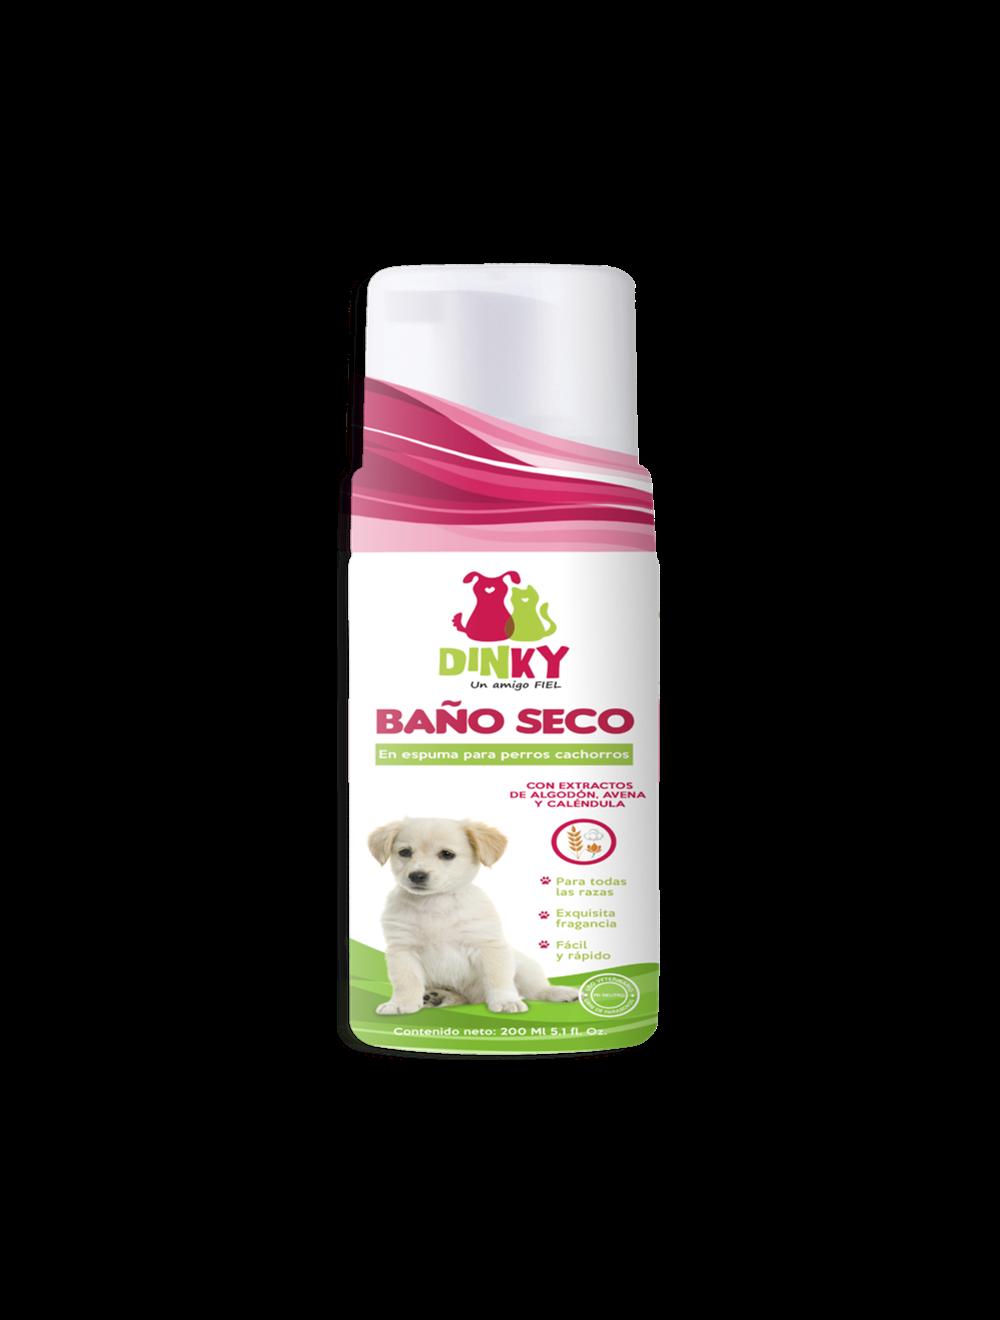 Dinky Baño Seco en Espuma Perros Cachorros x 200 ml